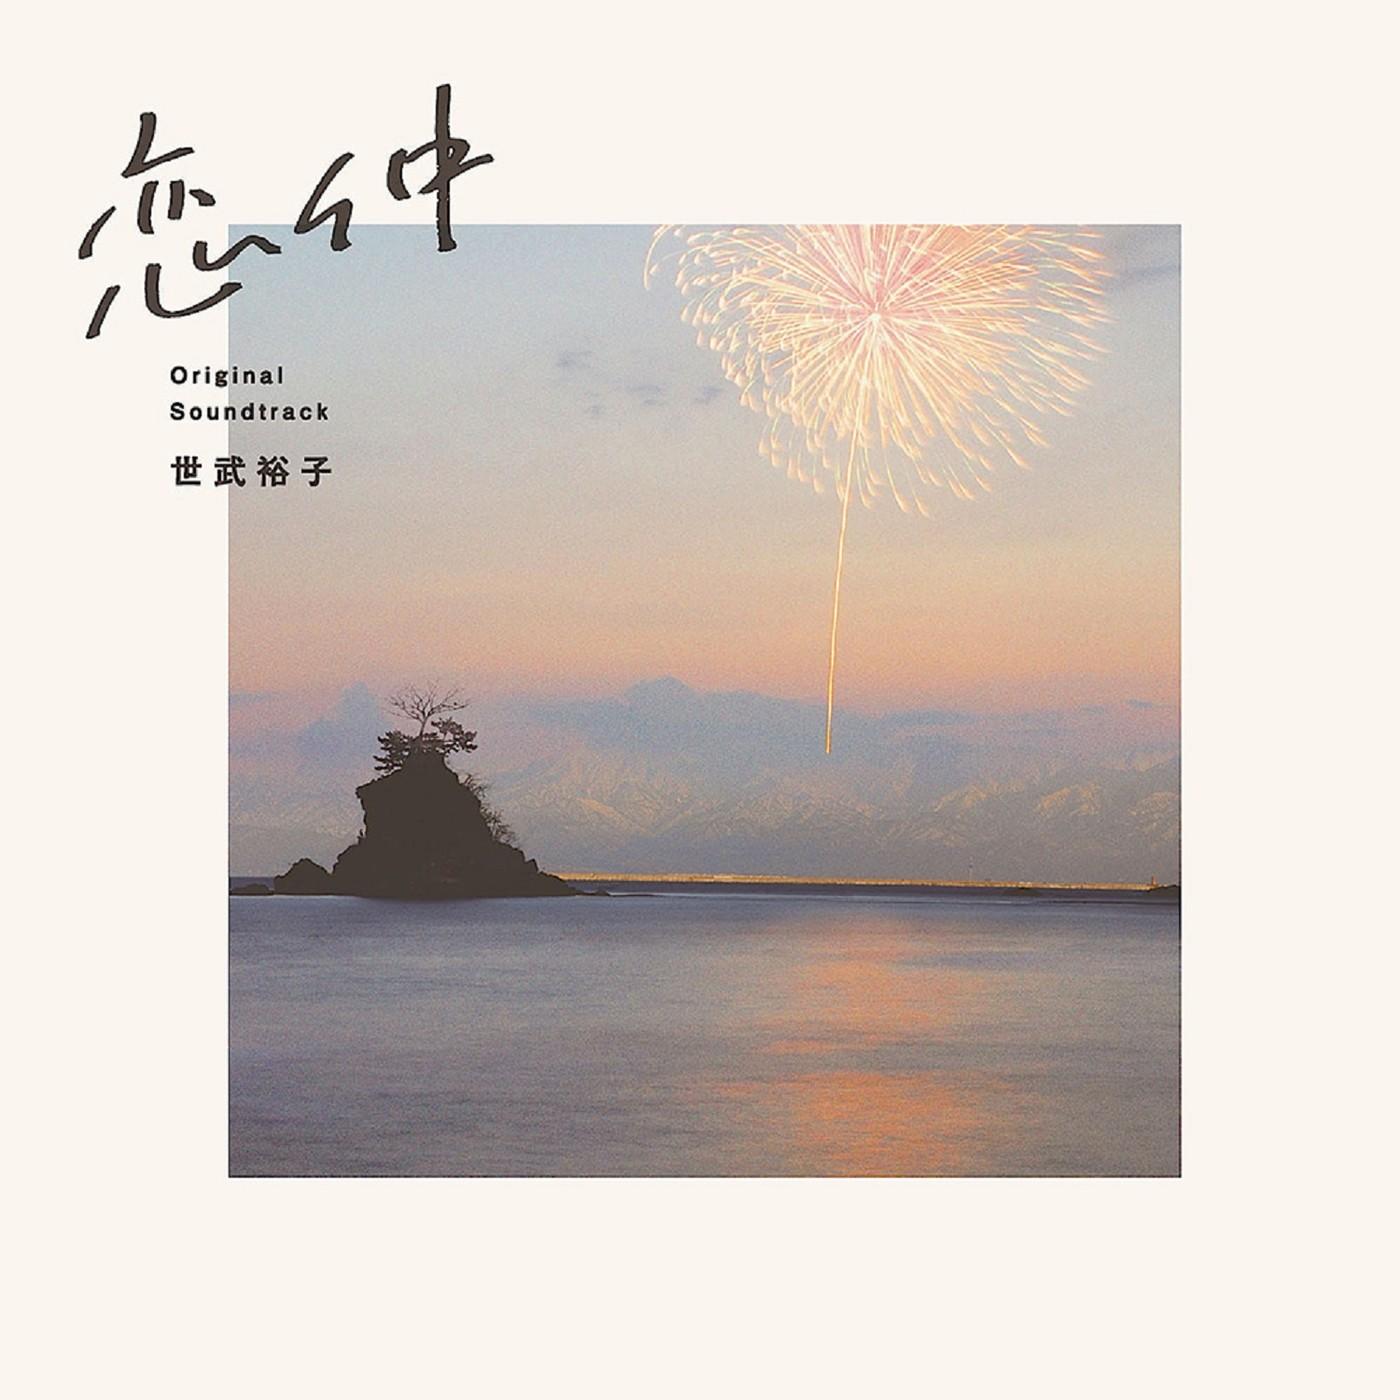 世武裕子 (Hiroko Sebu) – フジテレビ系ドラマ「恋仲」オリジナルサウンドトラック [FLAC / WEB] [2015.08.26]